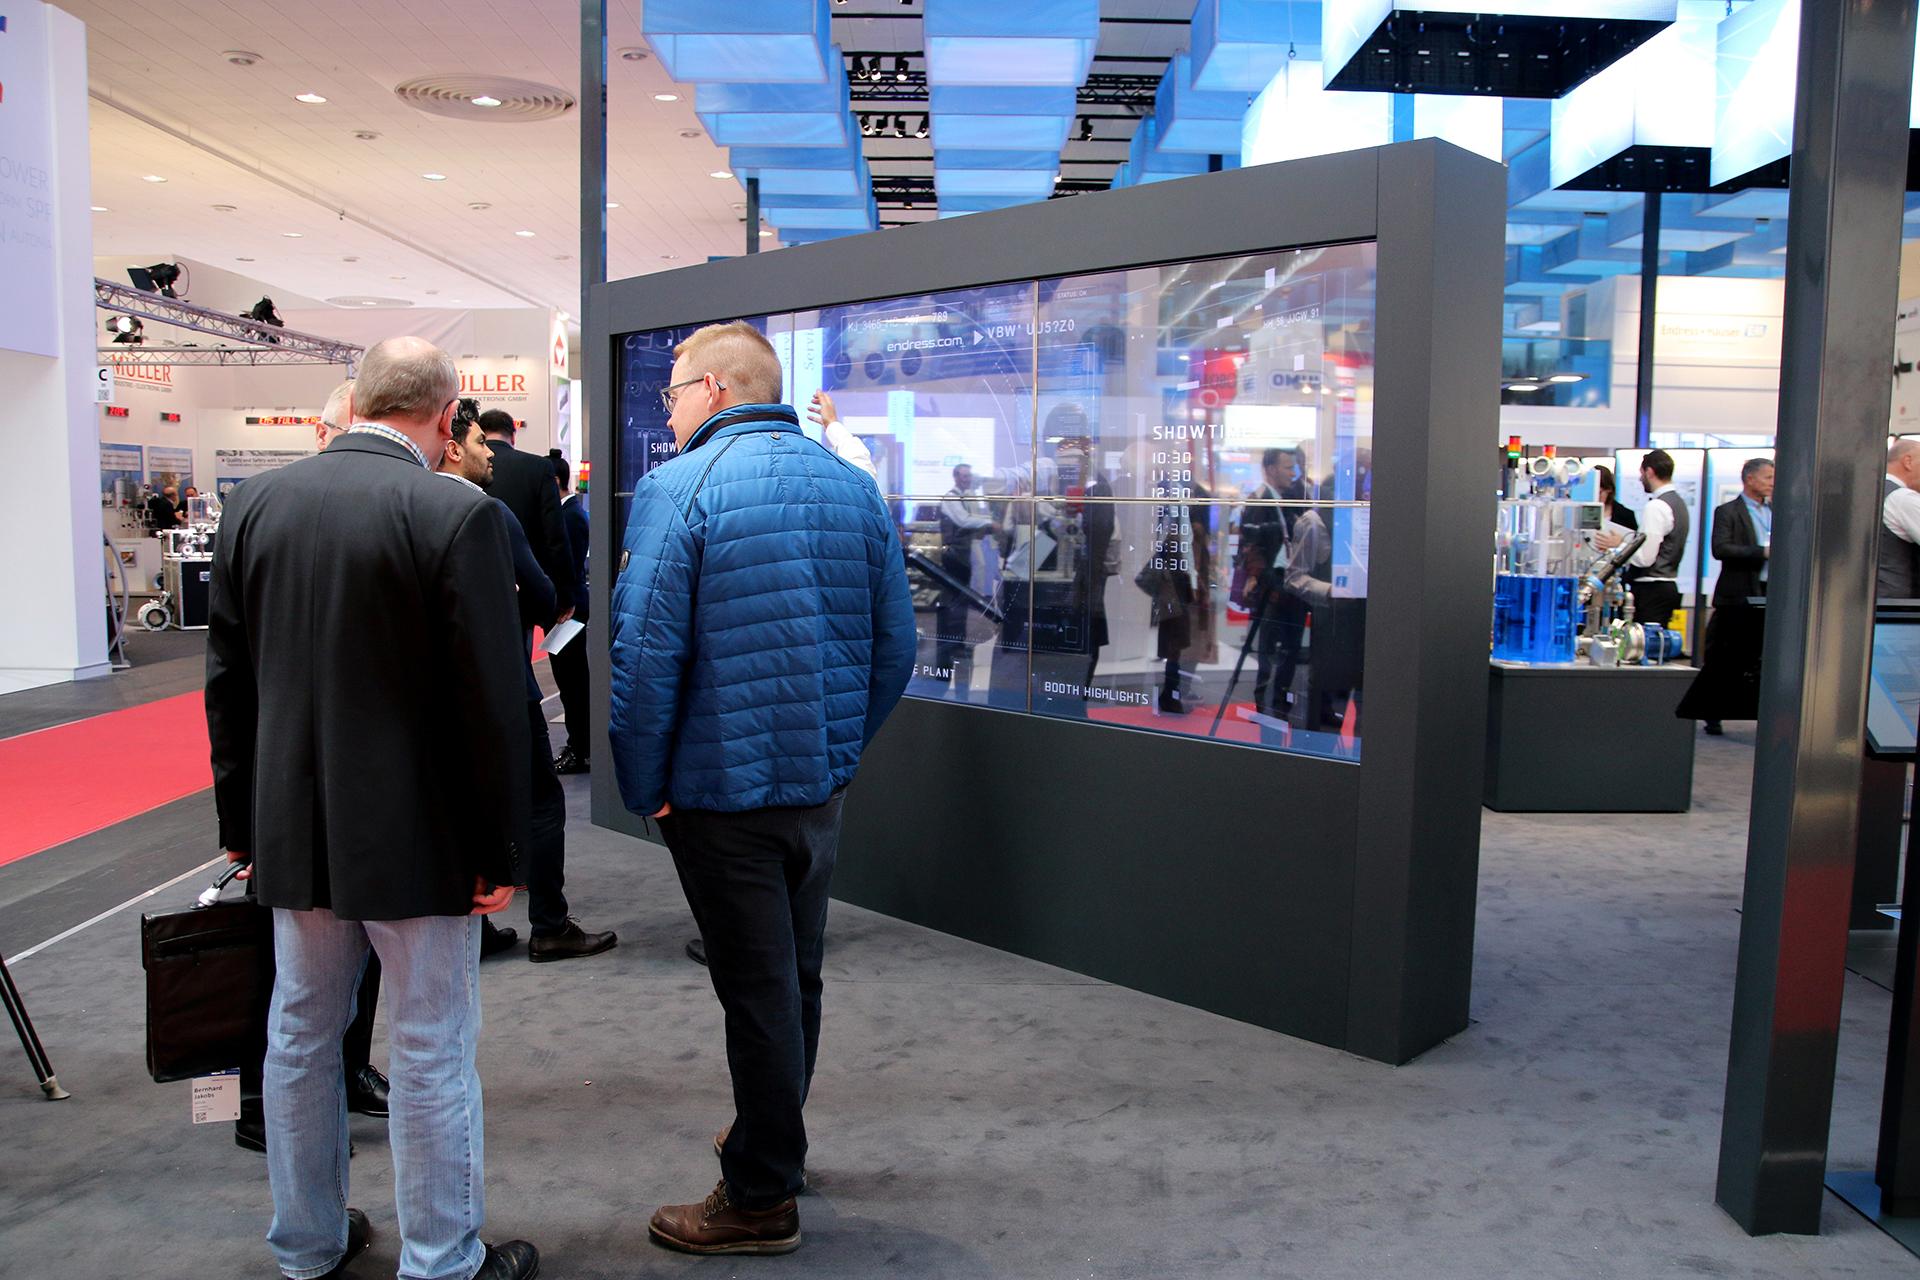 Mit einer transparenten, interaktiven OLED Powerwall präsentierte Endress & Hauser auf der HMI seine Produkte und Leistungen.